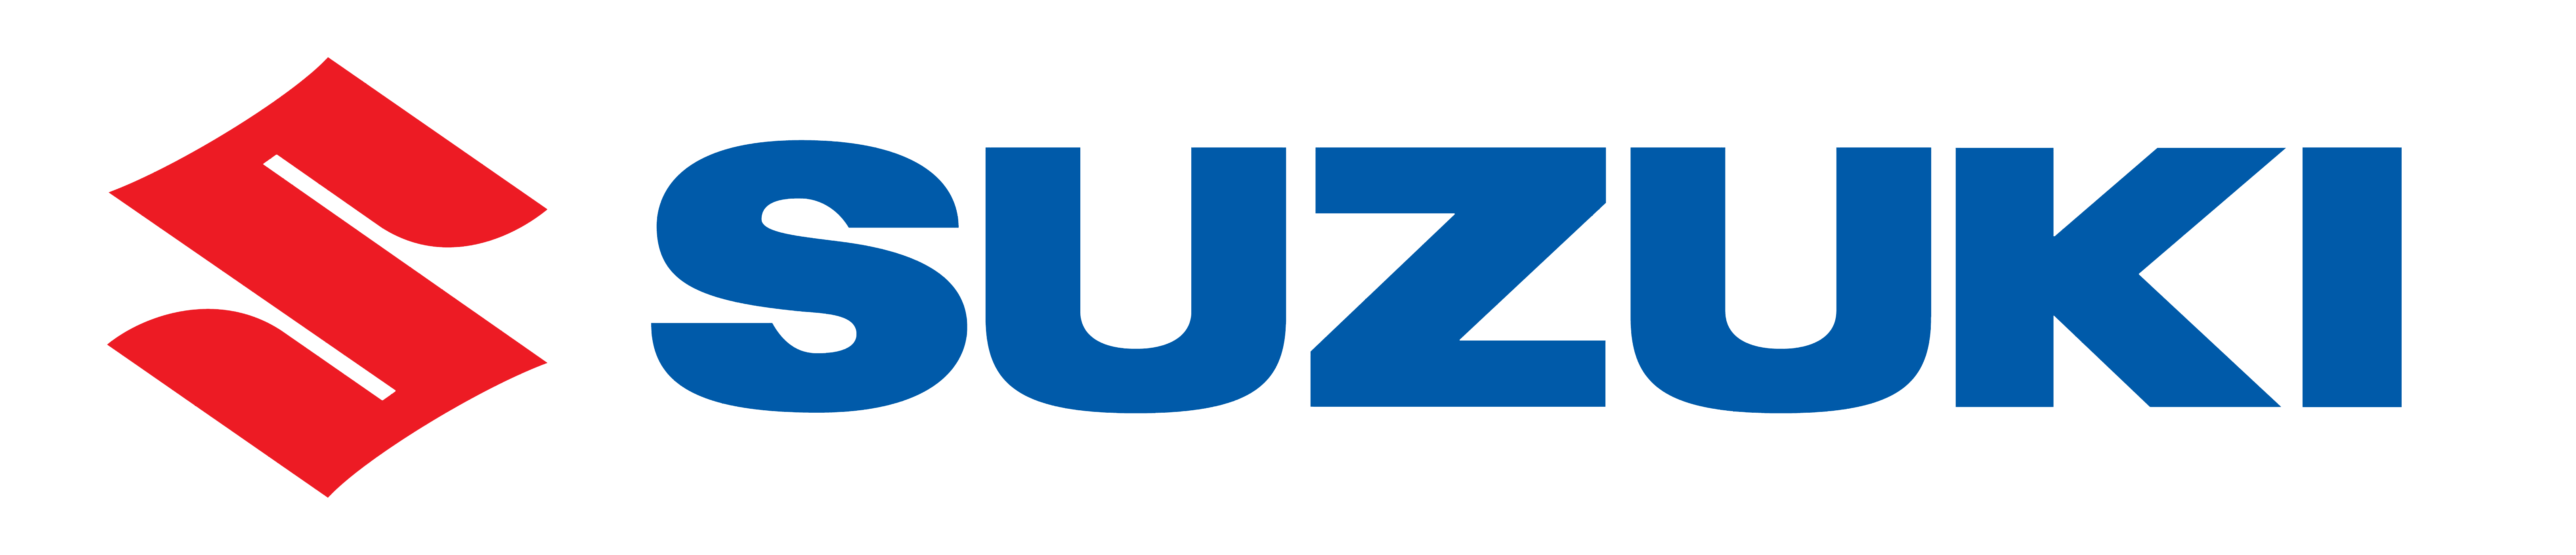 Suzuki Logo, HD Png, Meaning, Information | Carlogos.org